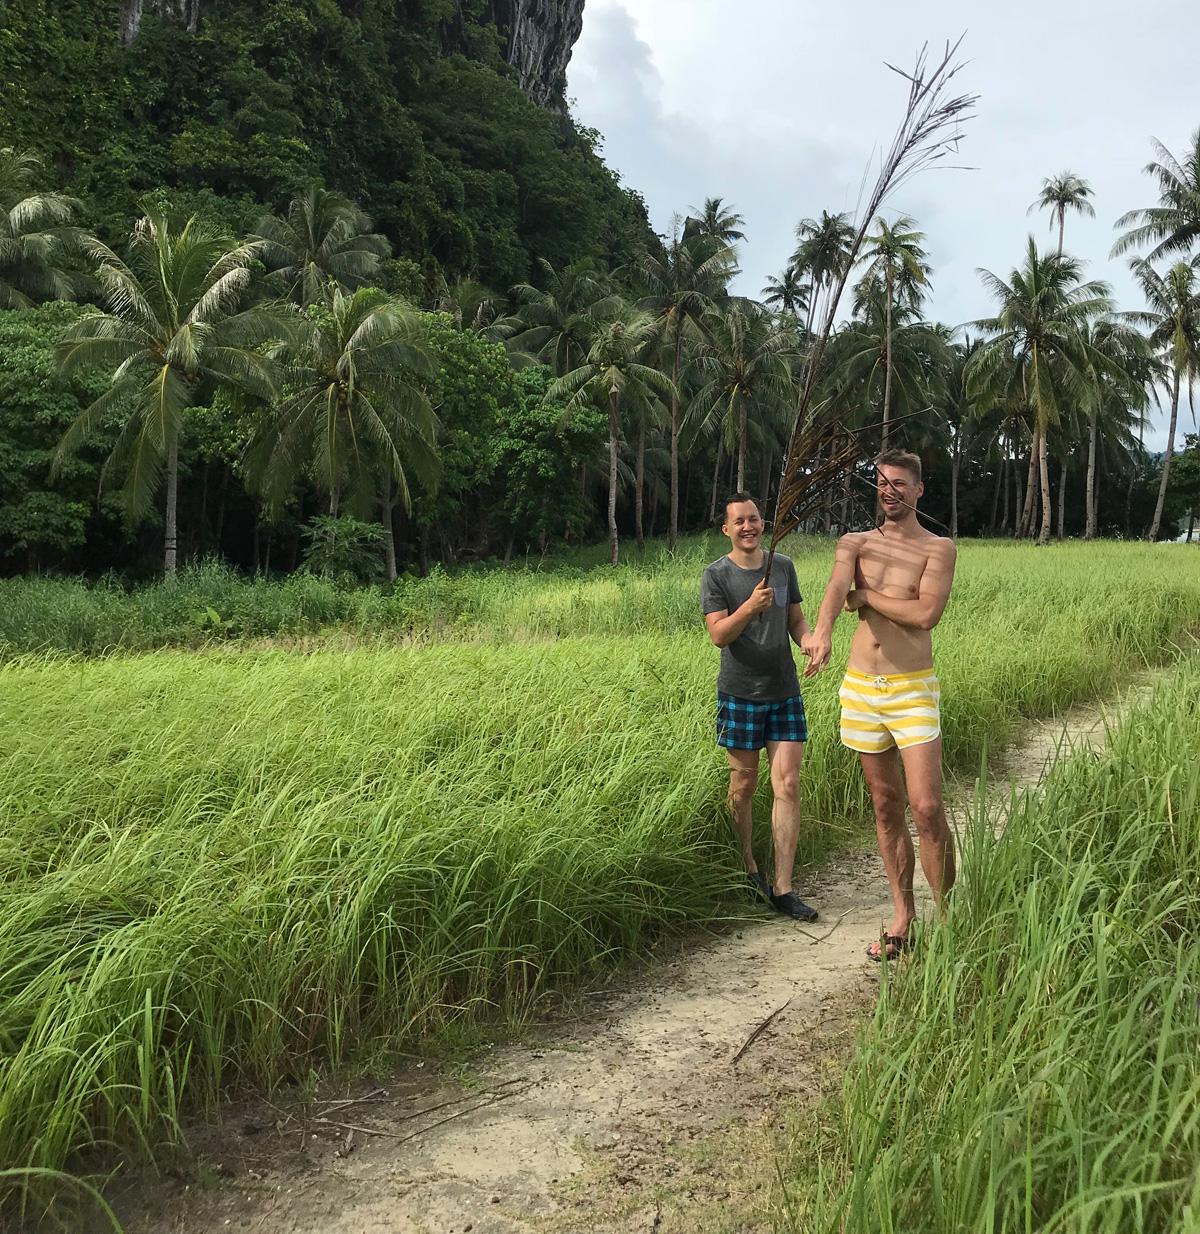 aleksei_andrei_pinagbuyutan_island-palawan